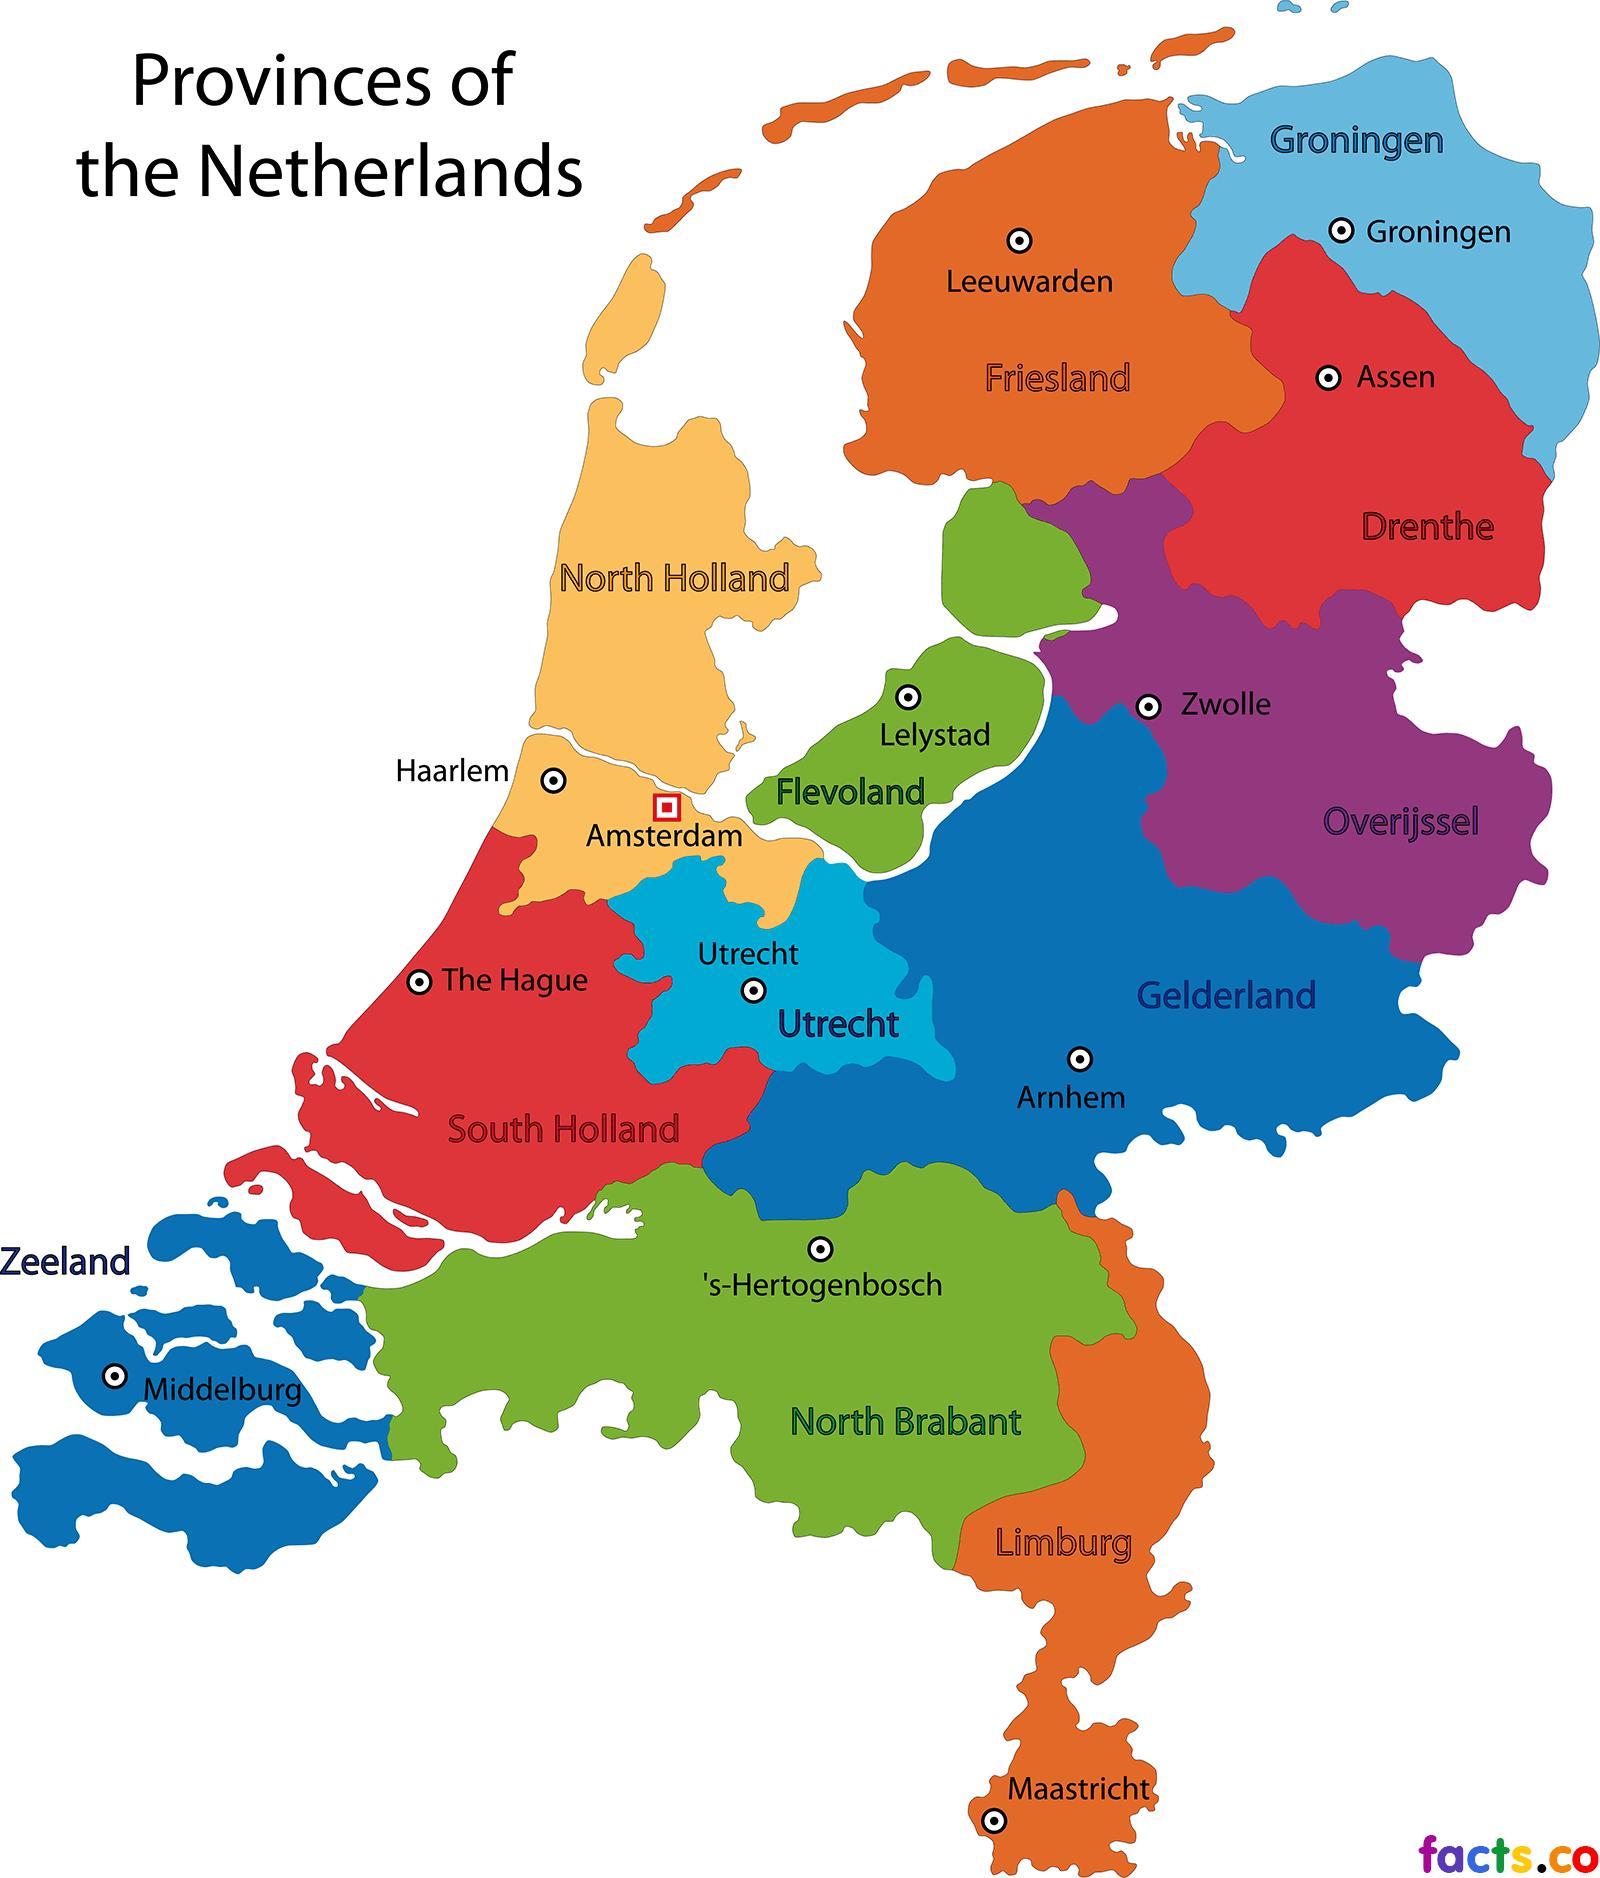 holanda mapa europa Países baixos estados mapa   Holanda estados mapa (Europa  holanda mapa europa